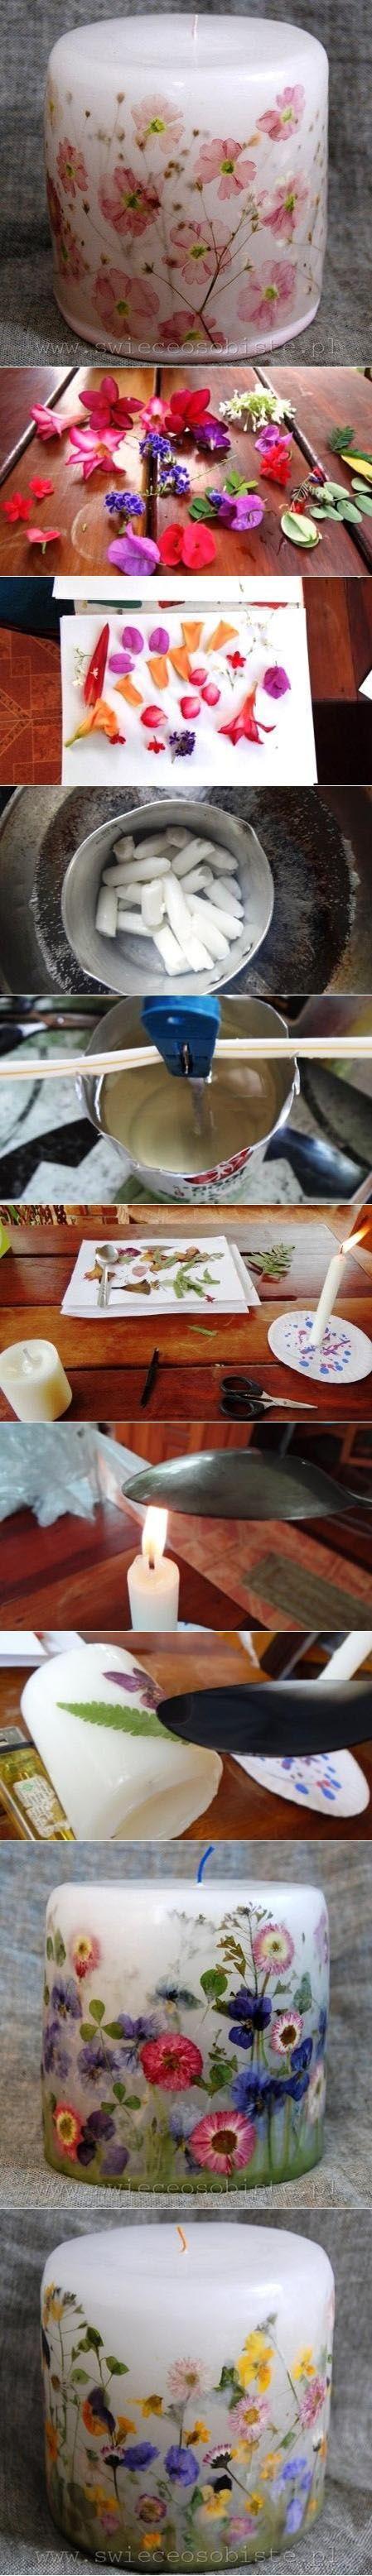 Diy Beautiful Candle | DIY & Crafts Tutorials